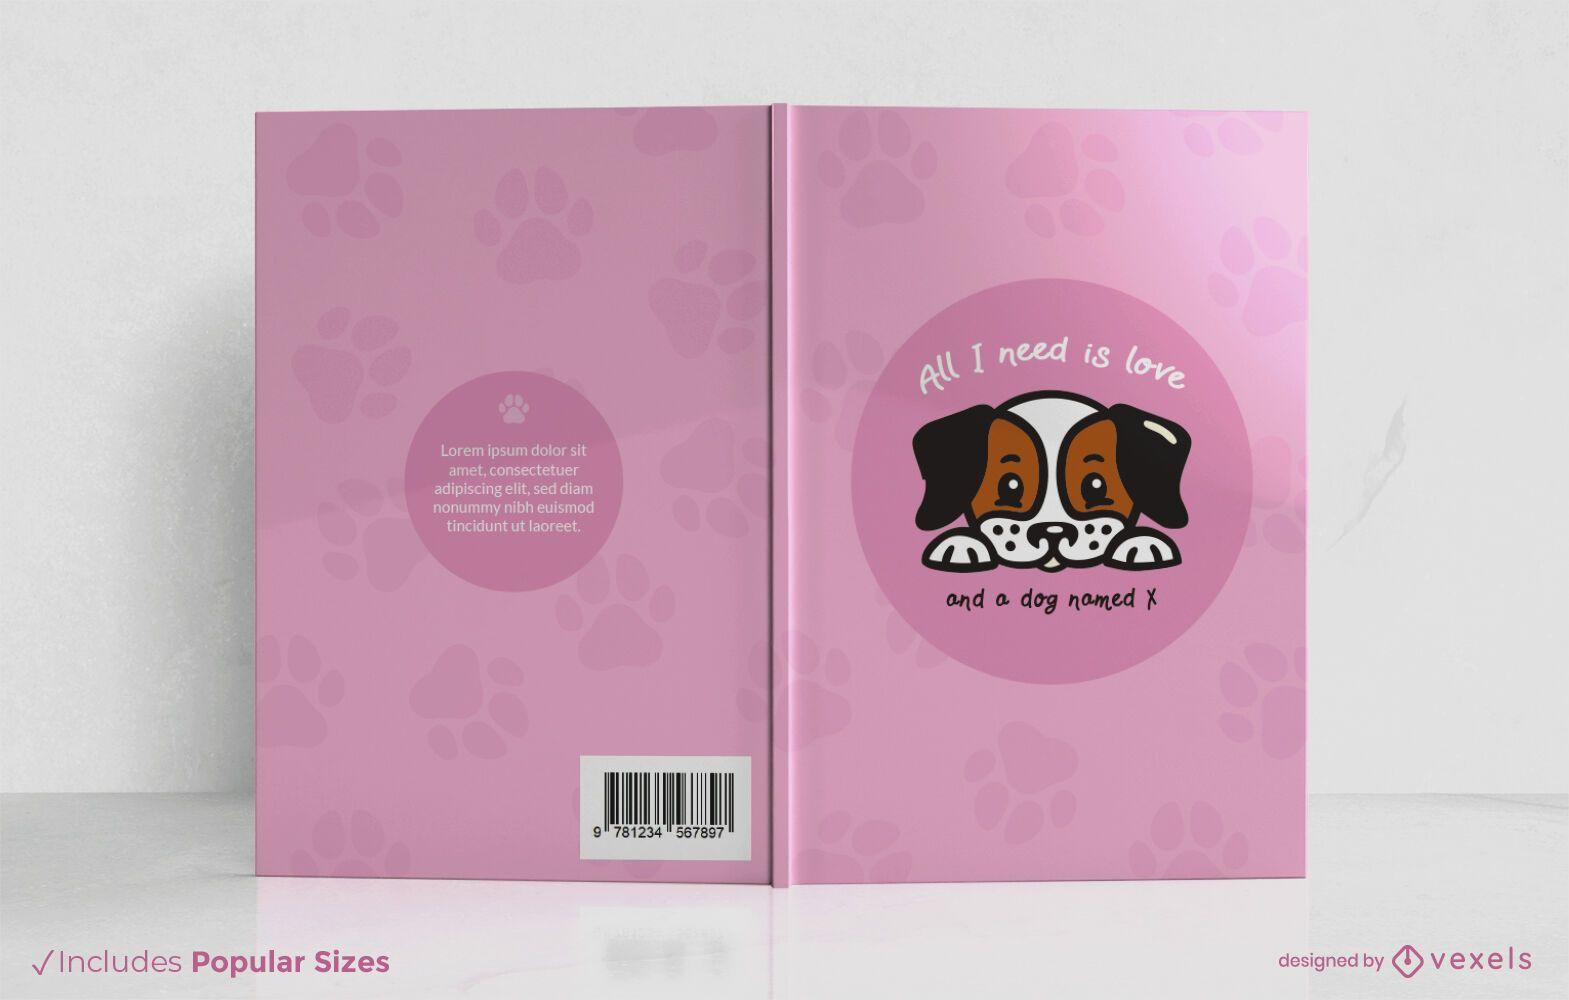 Todo lo que necesito es diseño de portada de libro de amor